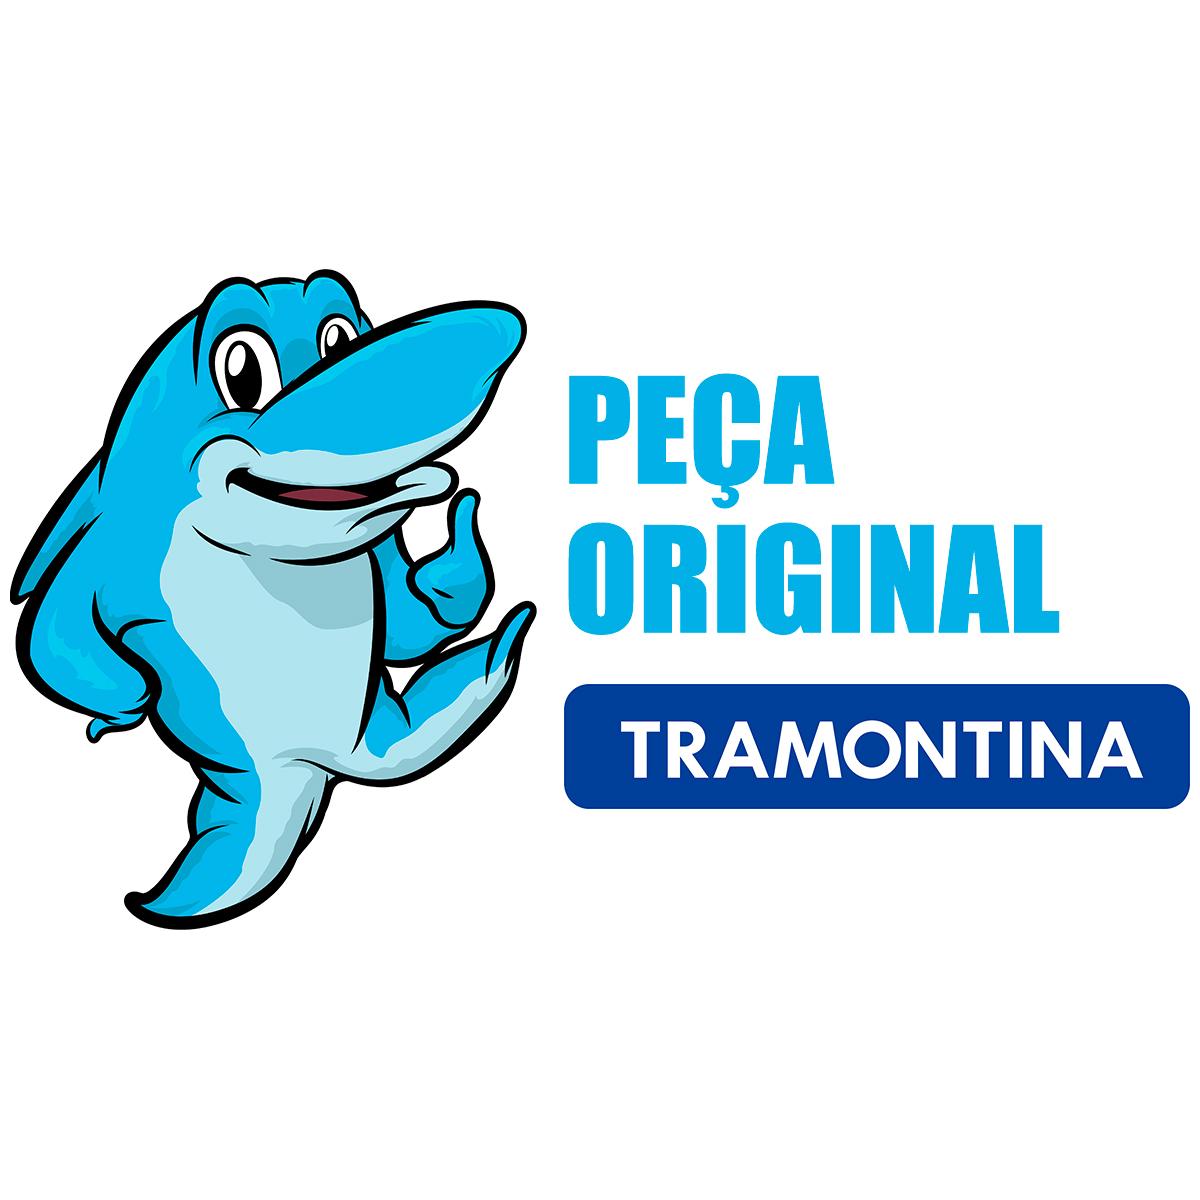 Mola para Tesourão de poda Tramontina 78363 e 78366 - Kit 02un - Original